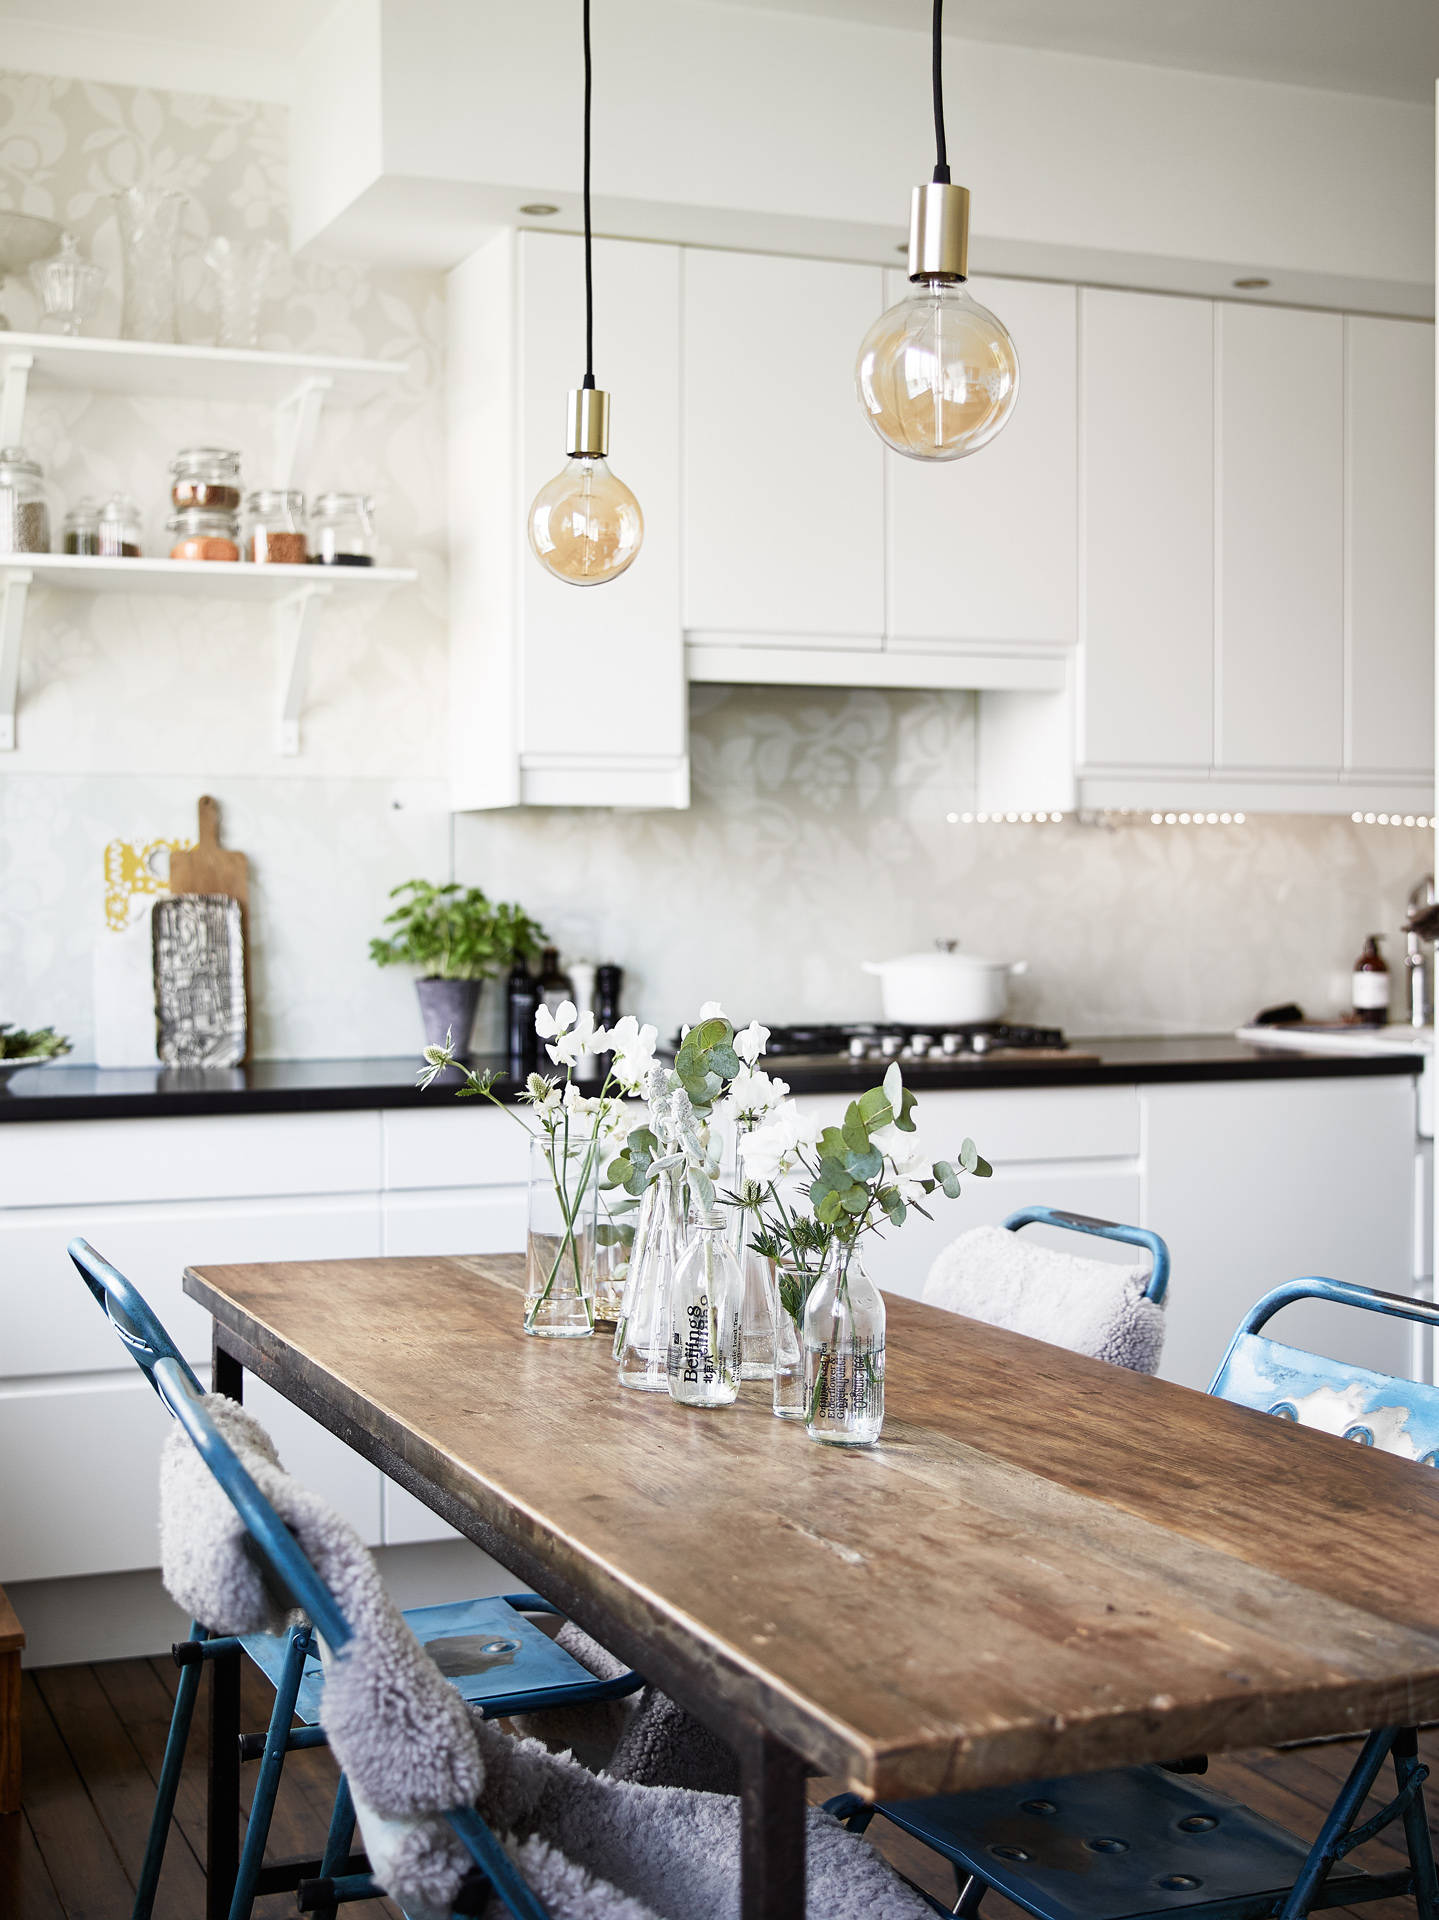 L mparas de dise o en la cocina l mparas de cocina - Lamparas para cocinas ...